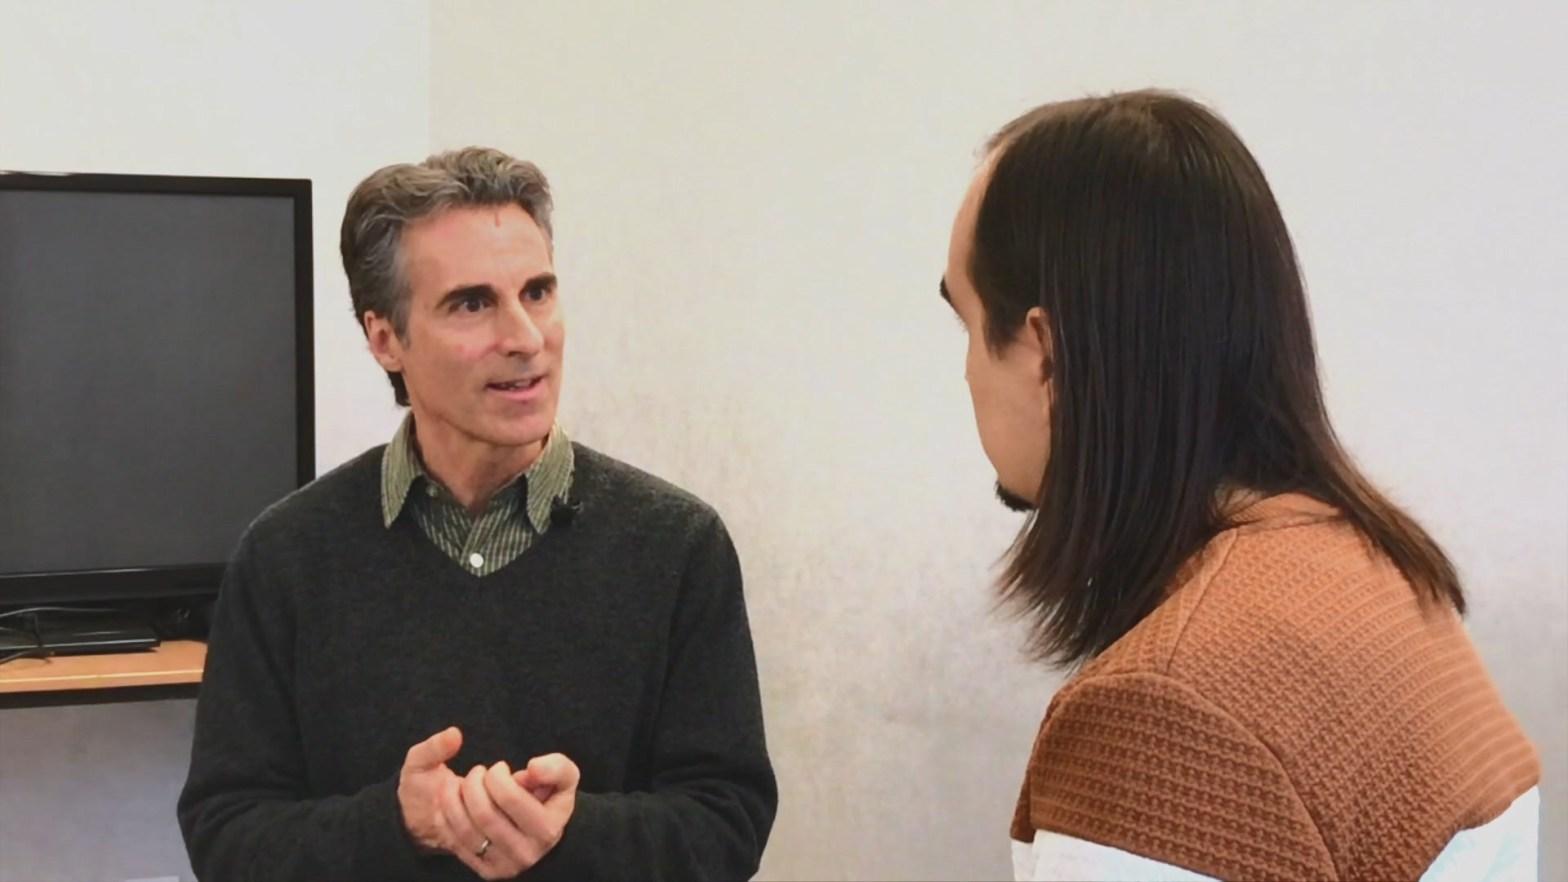 David S. Elliott. Клинический психолог и психотерапевт Дэвид Эллиотт (Санкт-Петербург, 2020)